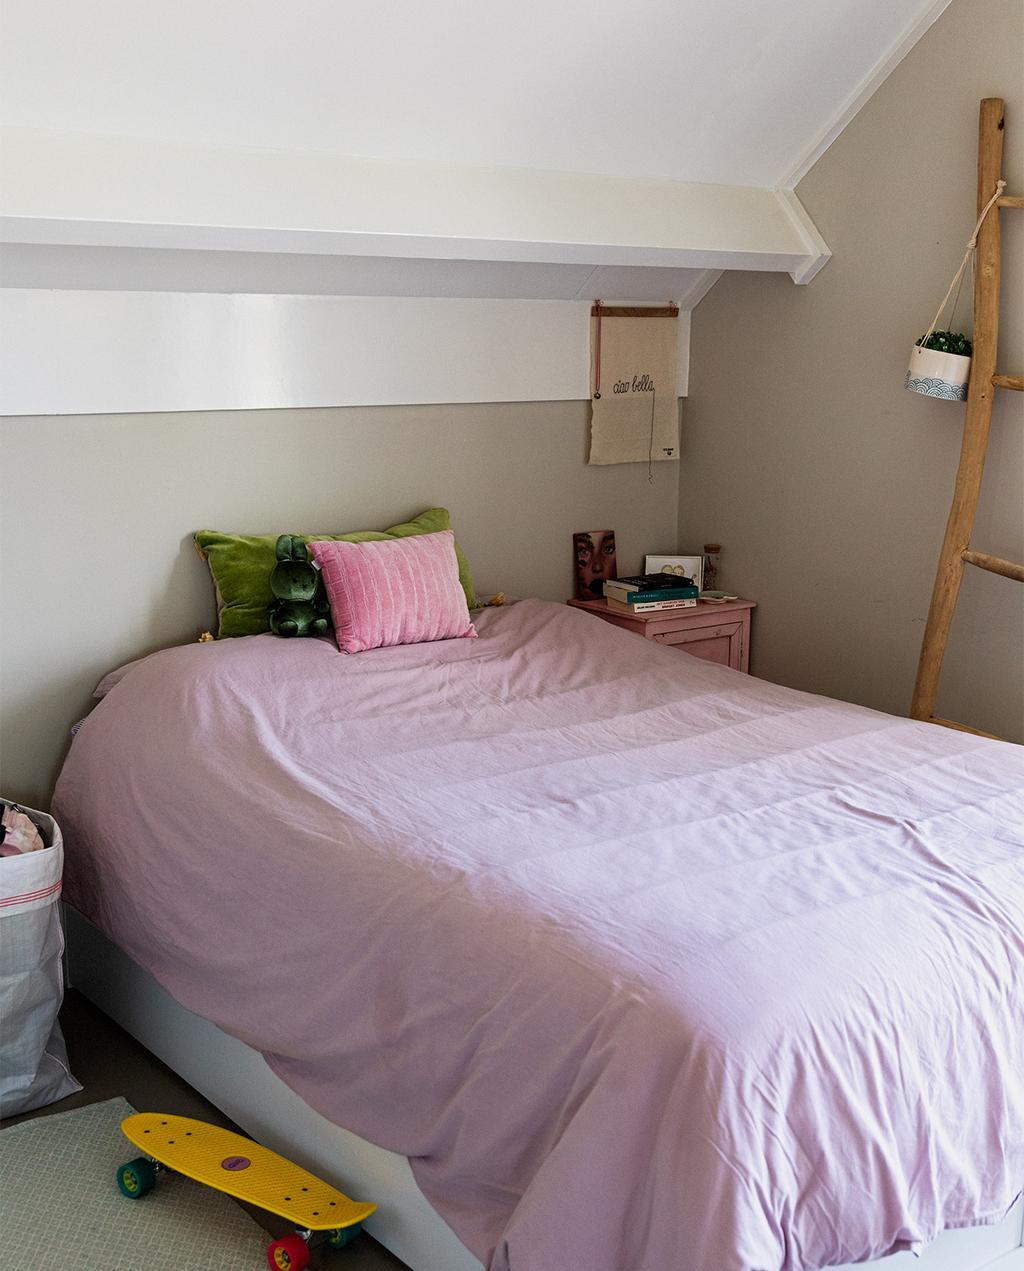 vtwonen 07-2021   roze dekbedovertrek in de slaapkamer